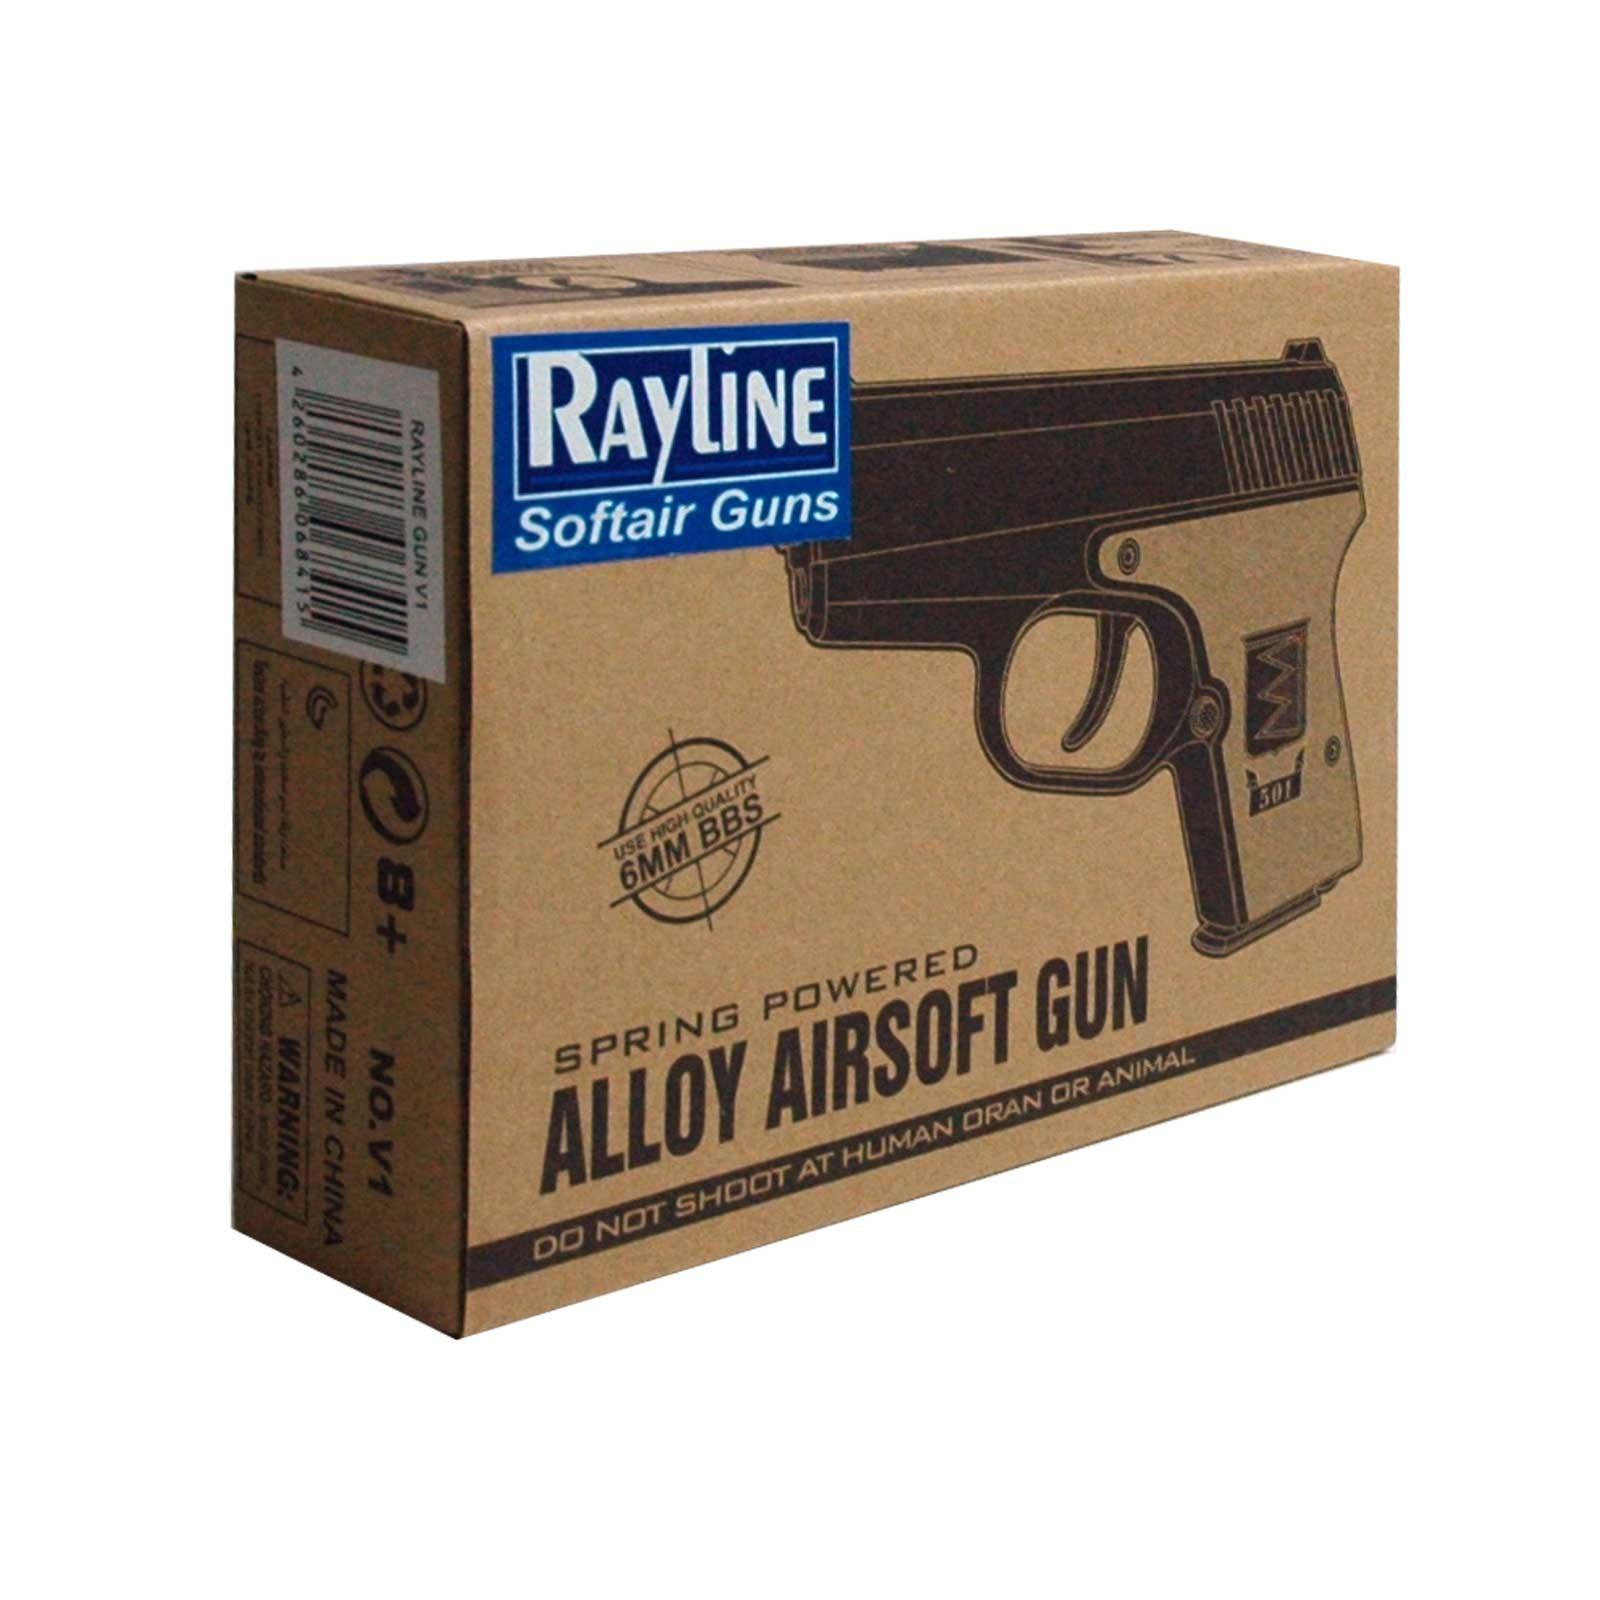 Softair/ Airsoft Pistole gefertigt aus Metall 0,5 Joule Reichweite bis 60 Meter